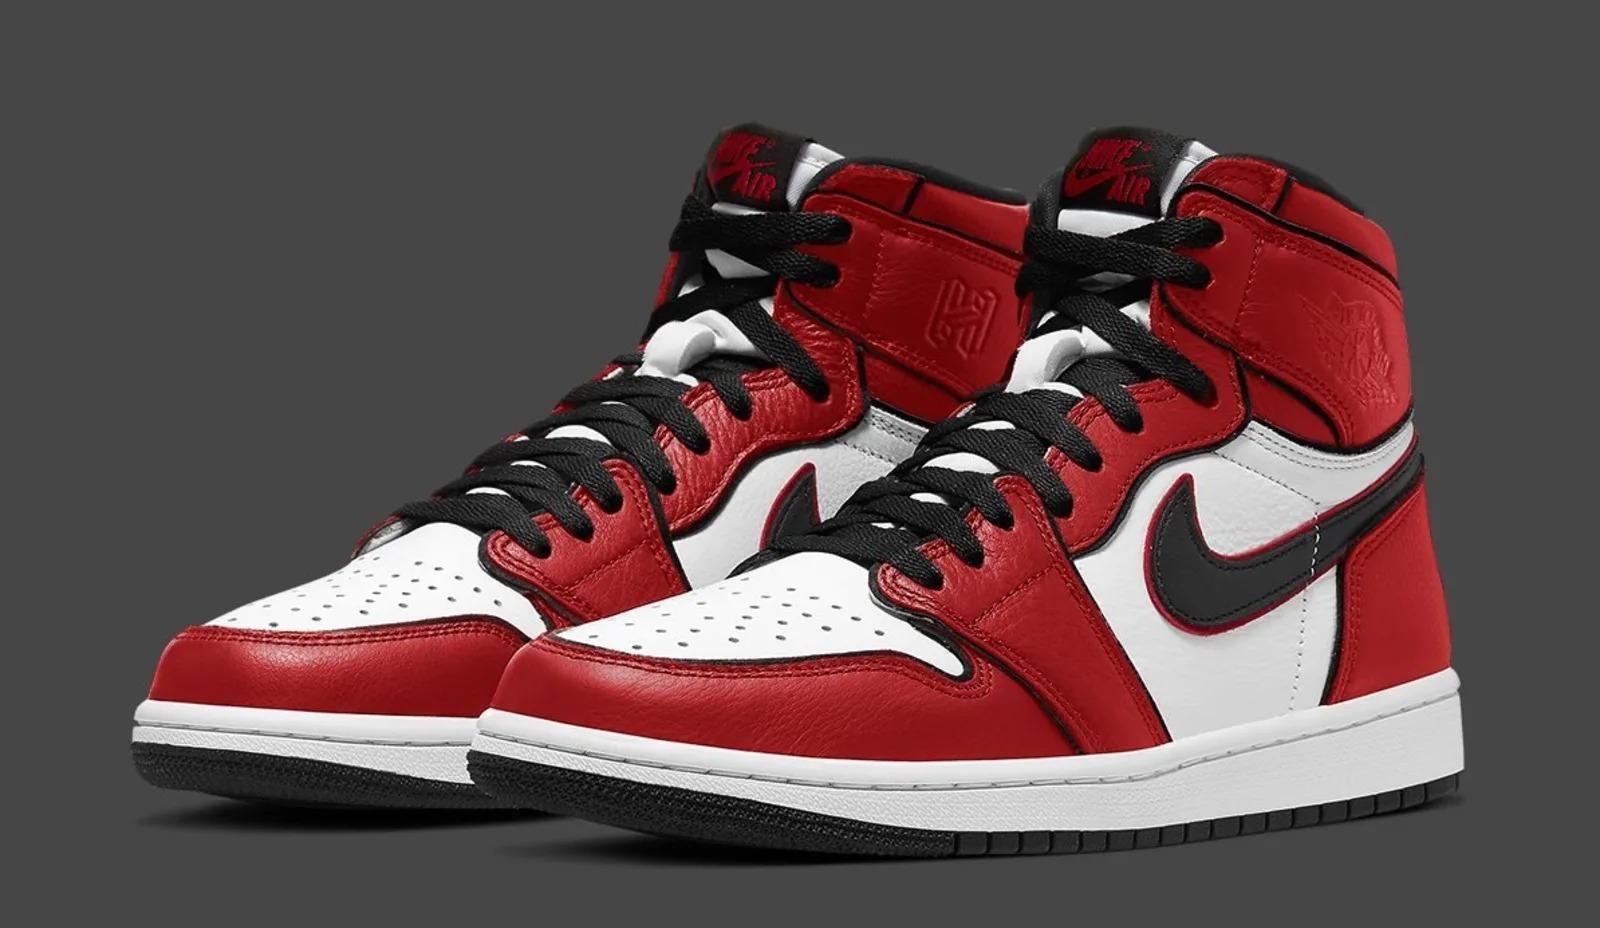 Air Jordan 1 'Bloodline 2.0' sortirait en en juillet - Crumpe